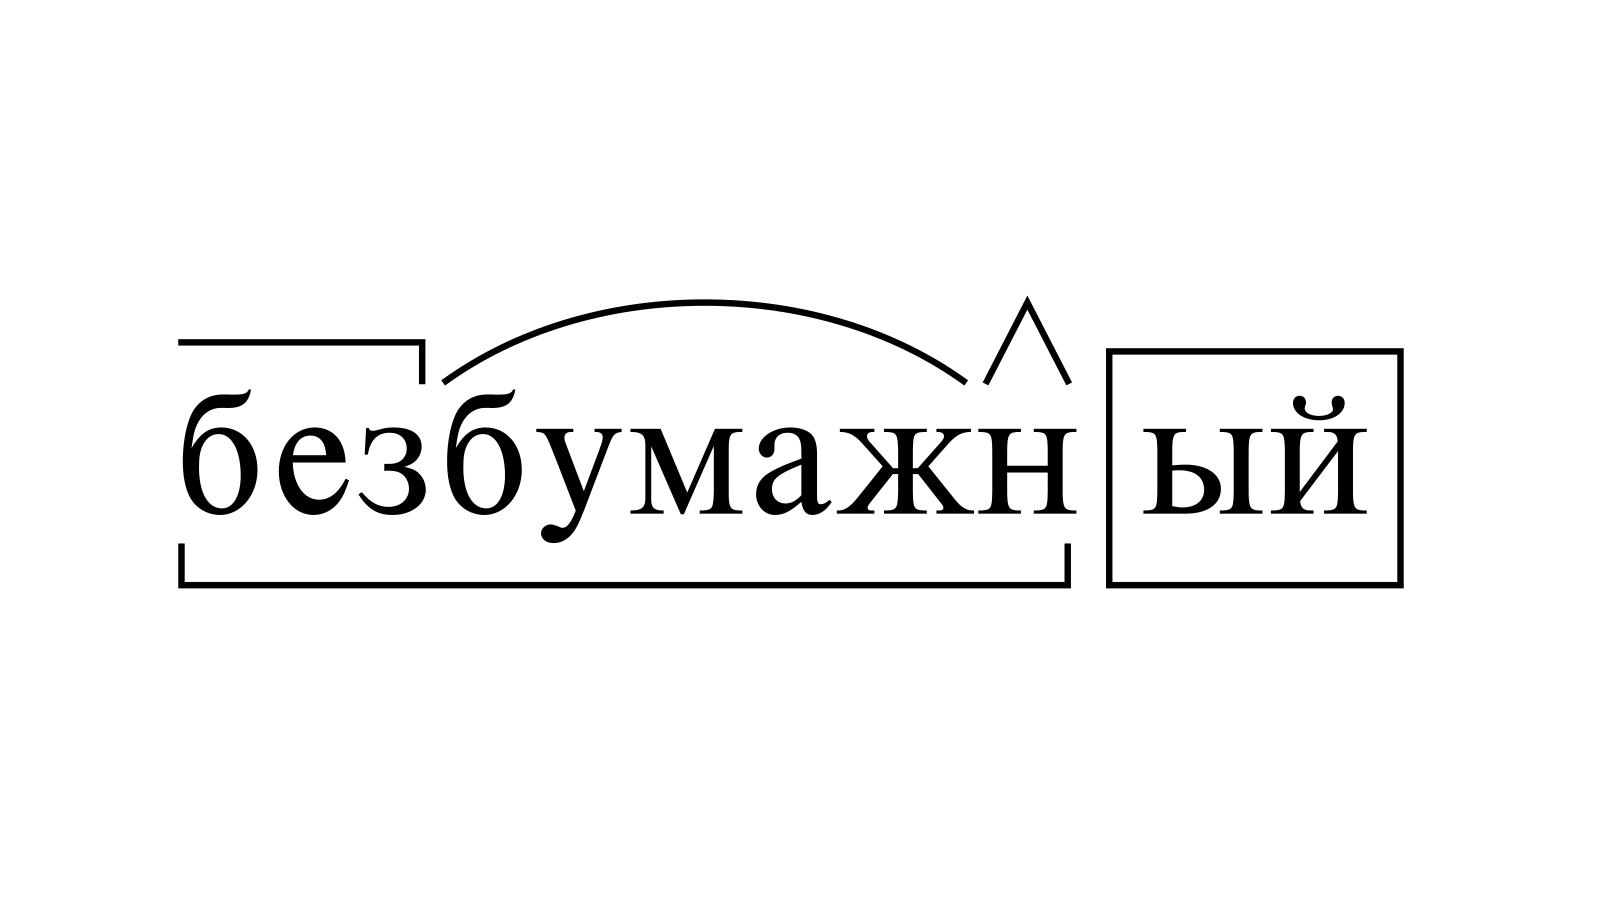 Разбор слова «безбумажный» по составу